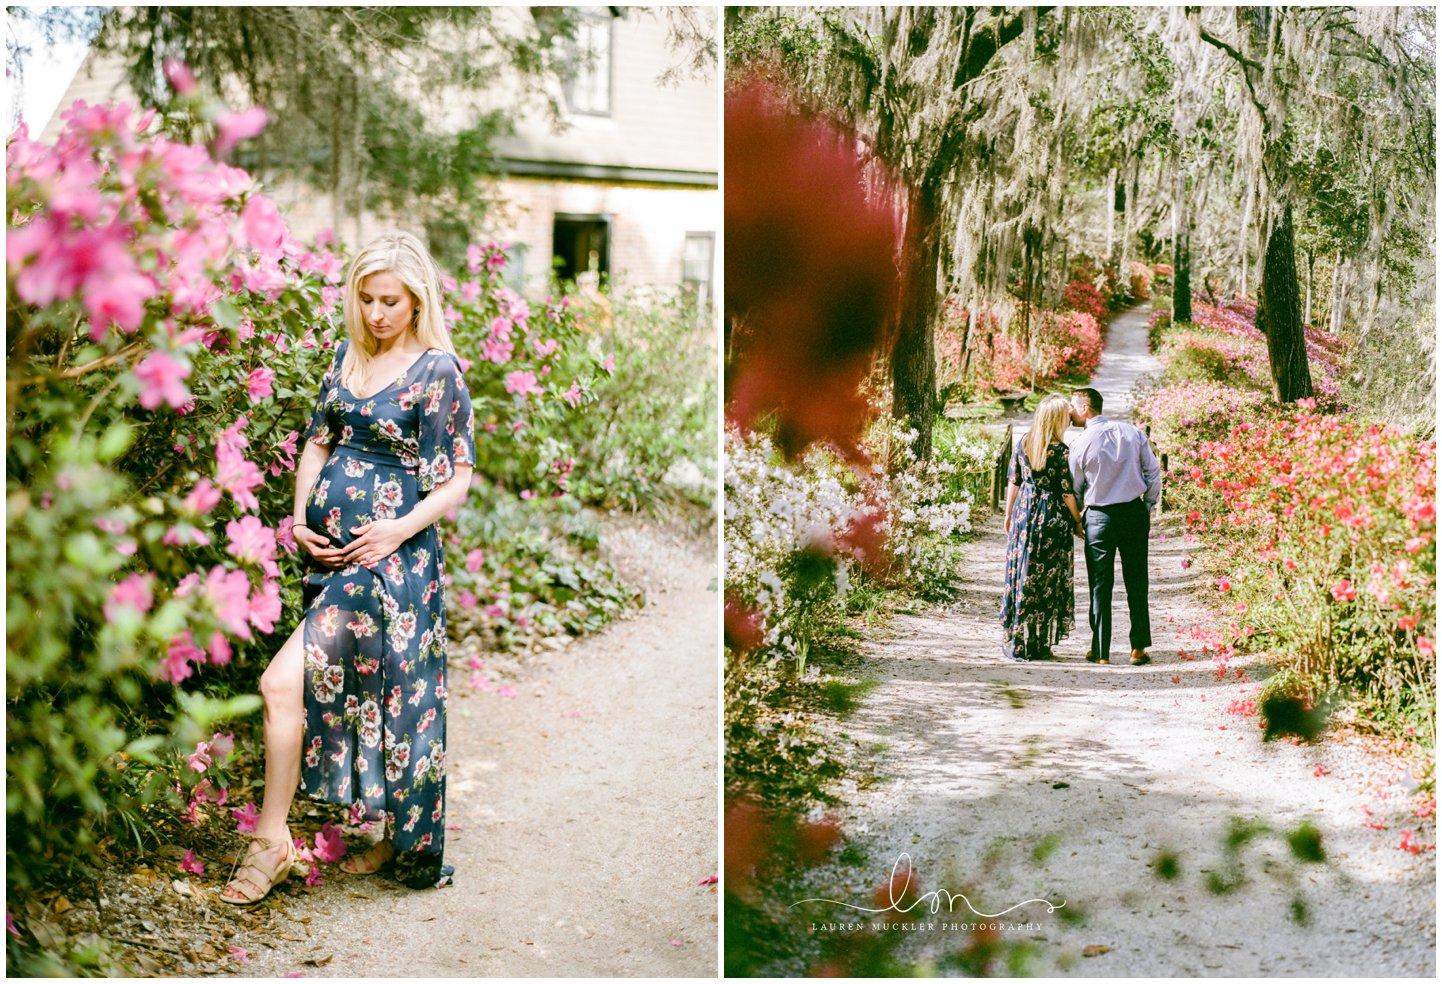 st louis photography_maternity_lauren muckler photography_film_st louis film photographer_0003.jpg